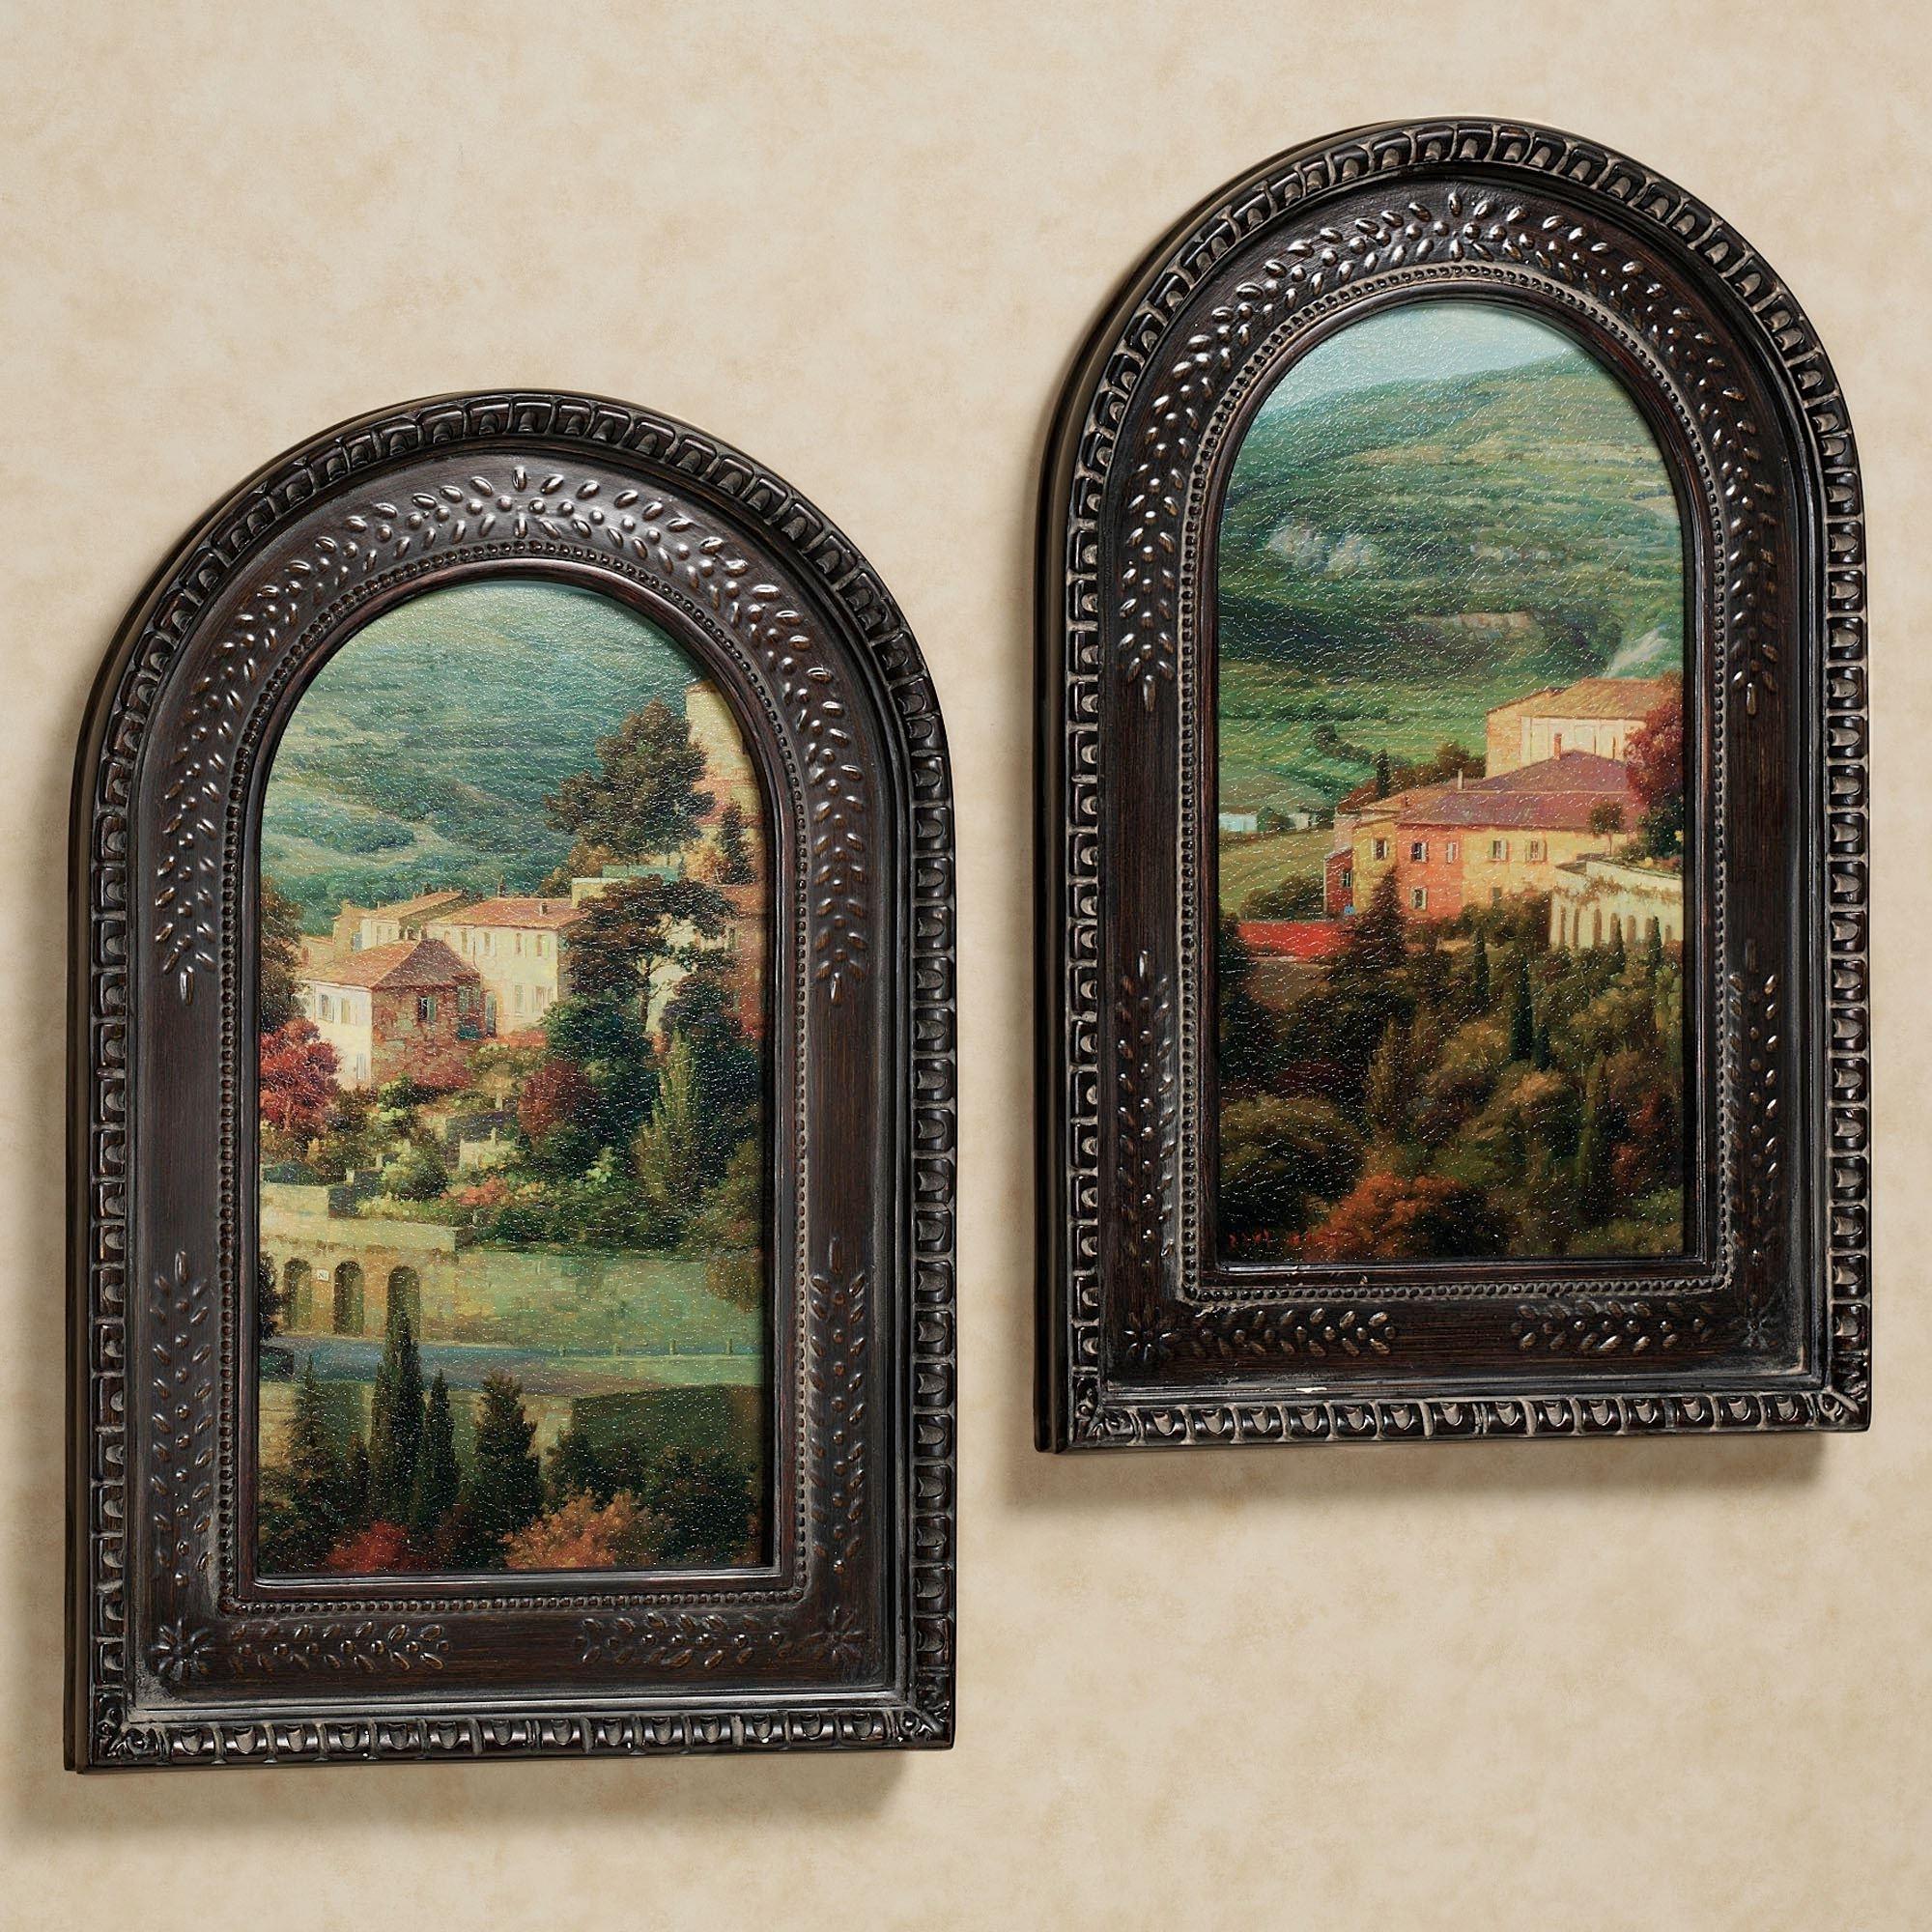 Italian Overlook Framed Wall Art Set Throughout Favorite Framed Wall Art (View 4 of 15)